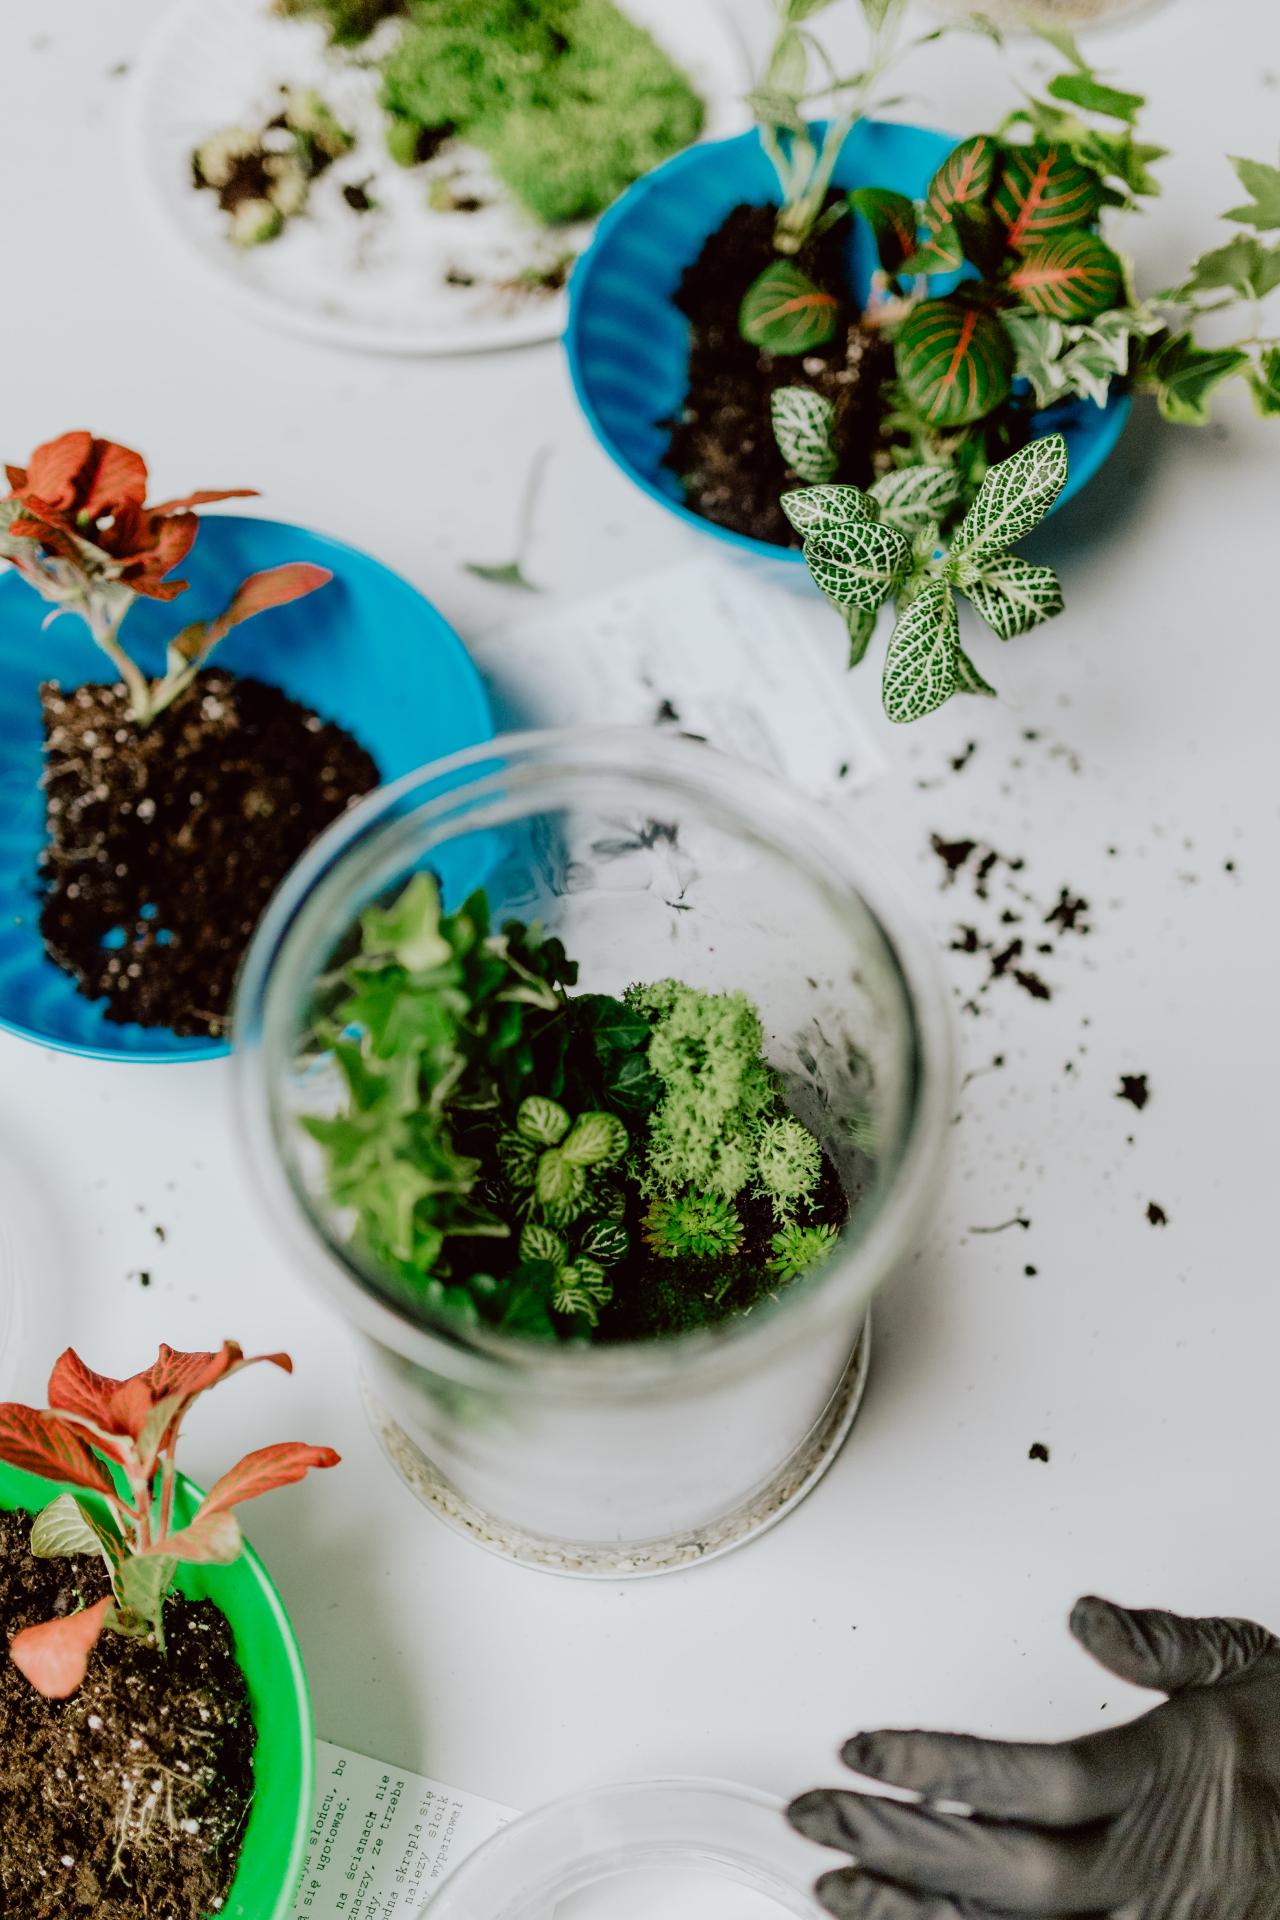 Free Stock Photos Of Nature Kaboompics